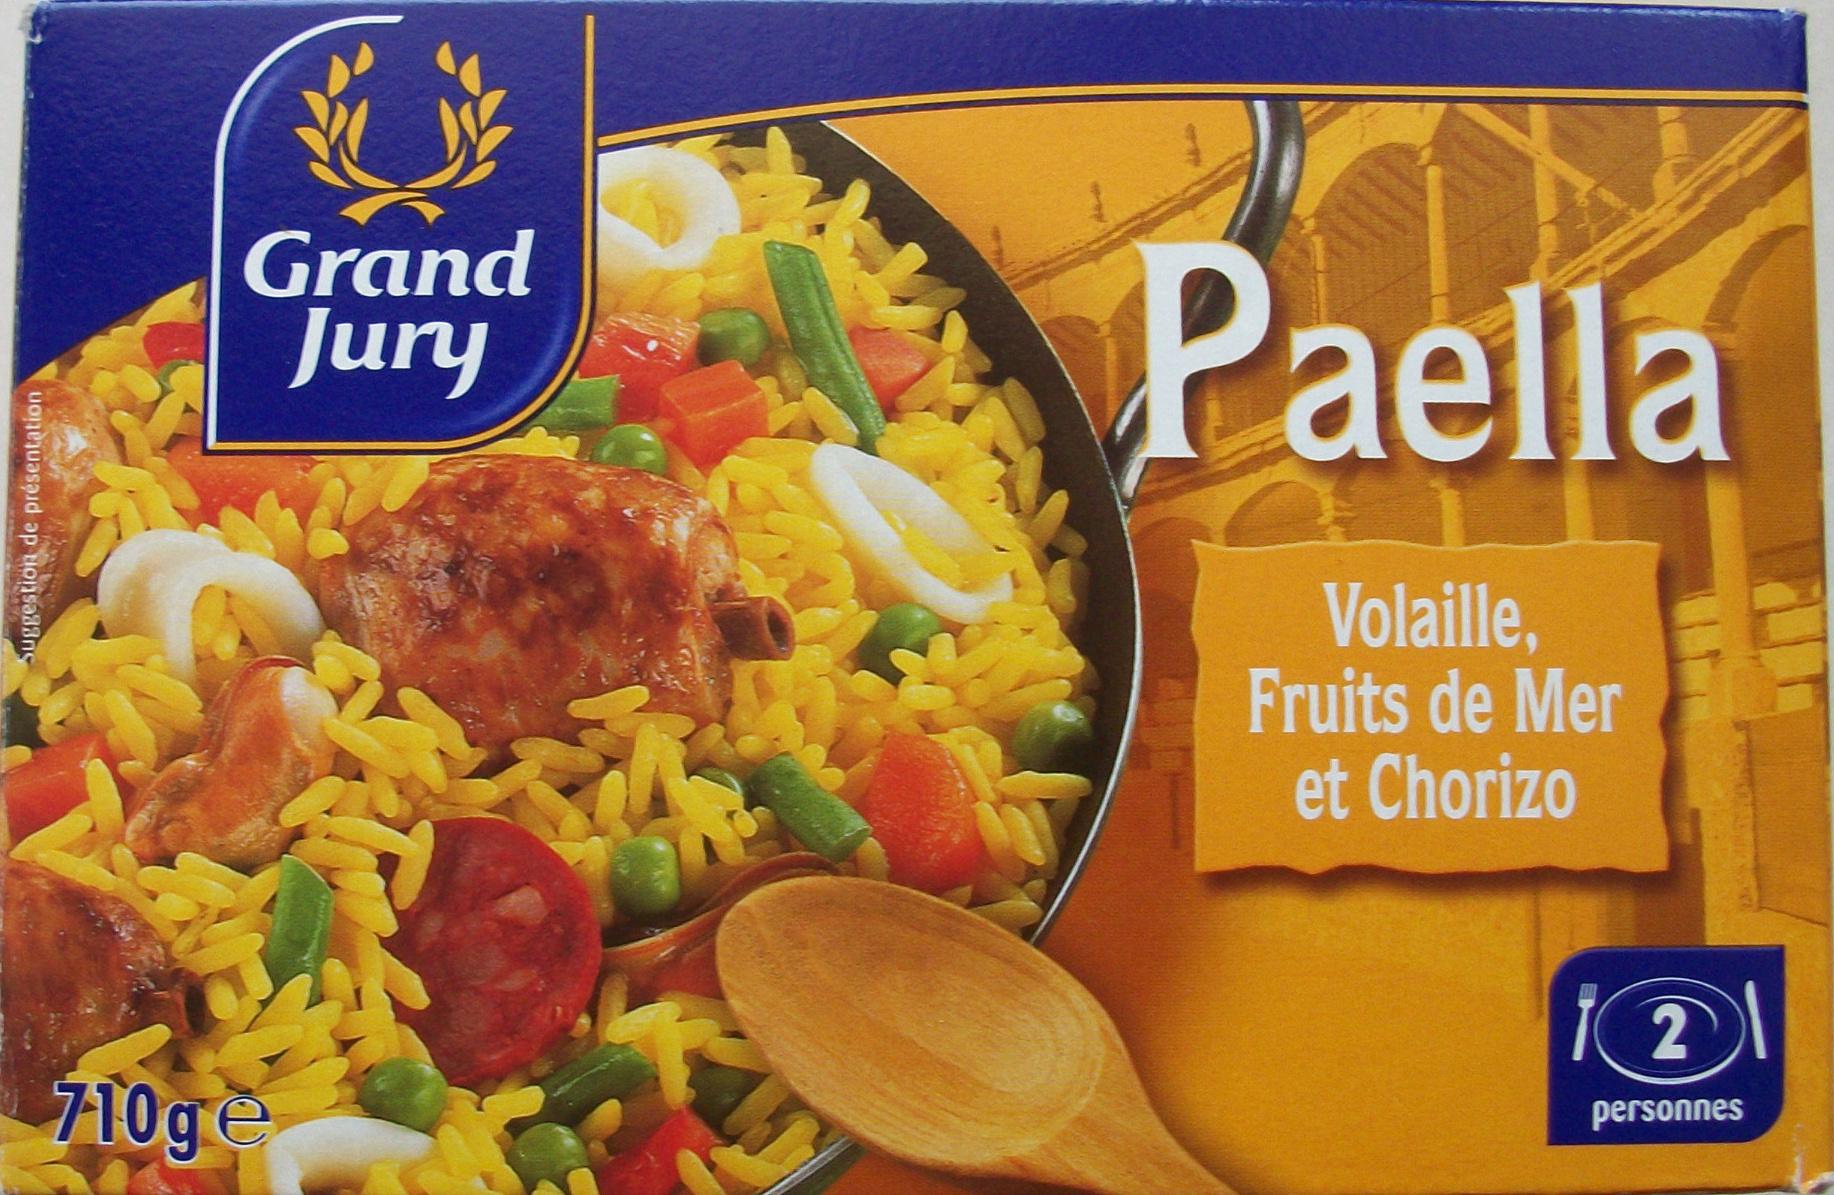 Paella (Volaille, Fruits de Mer et Chorizo) 2 personnes - Produit - fr